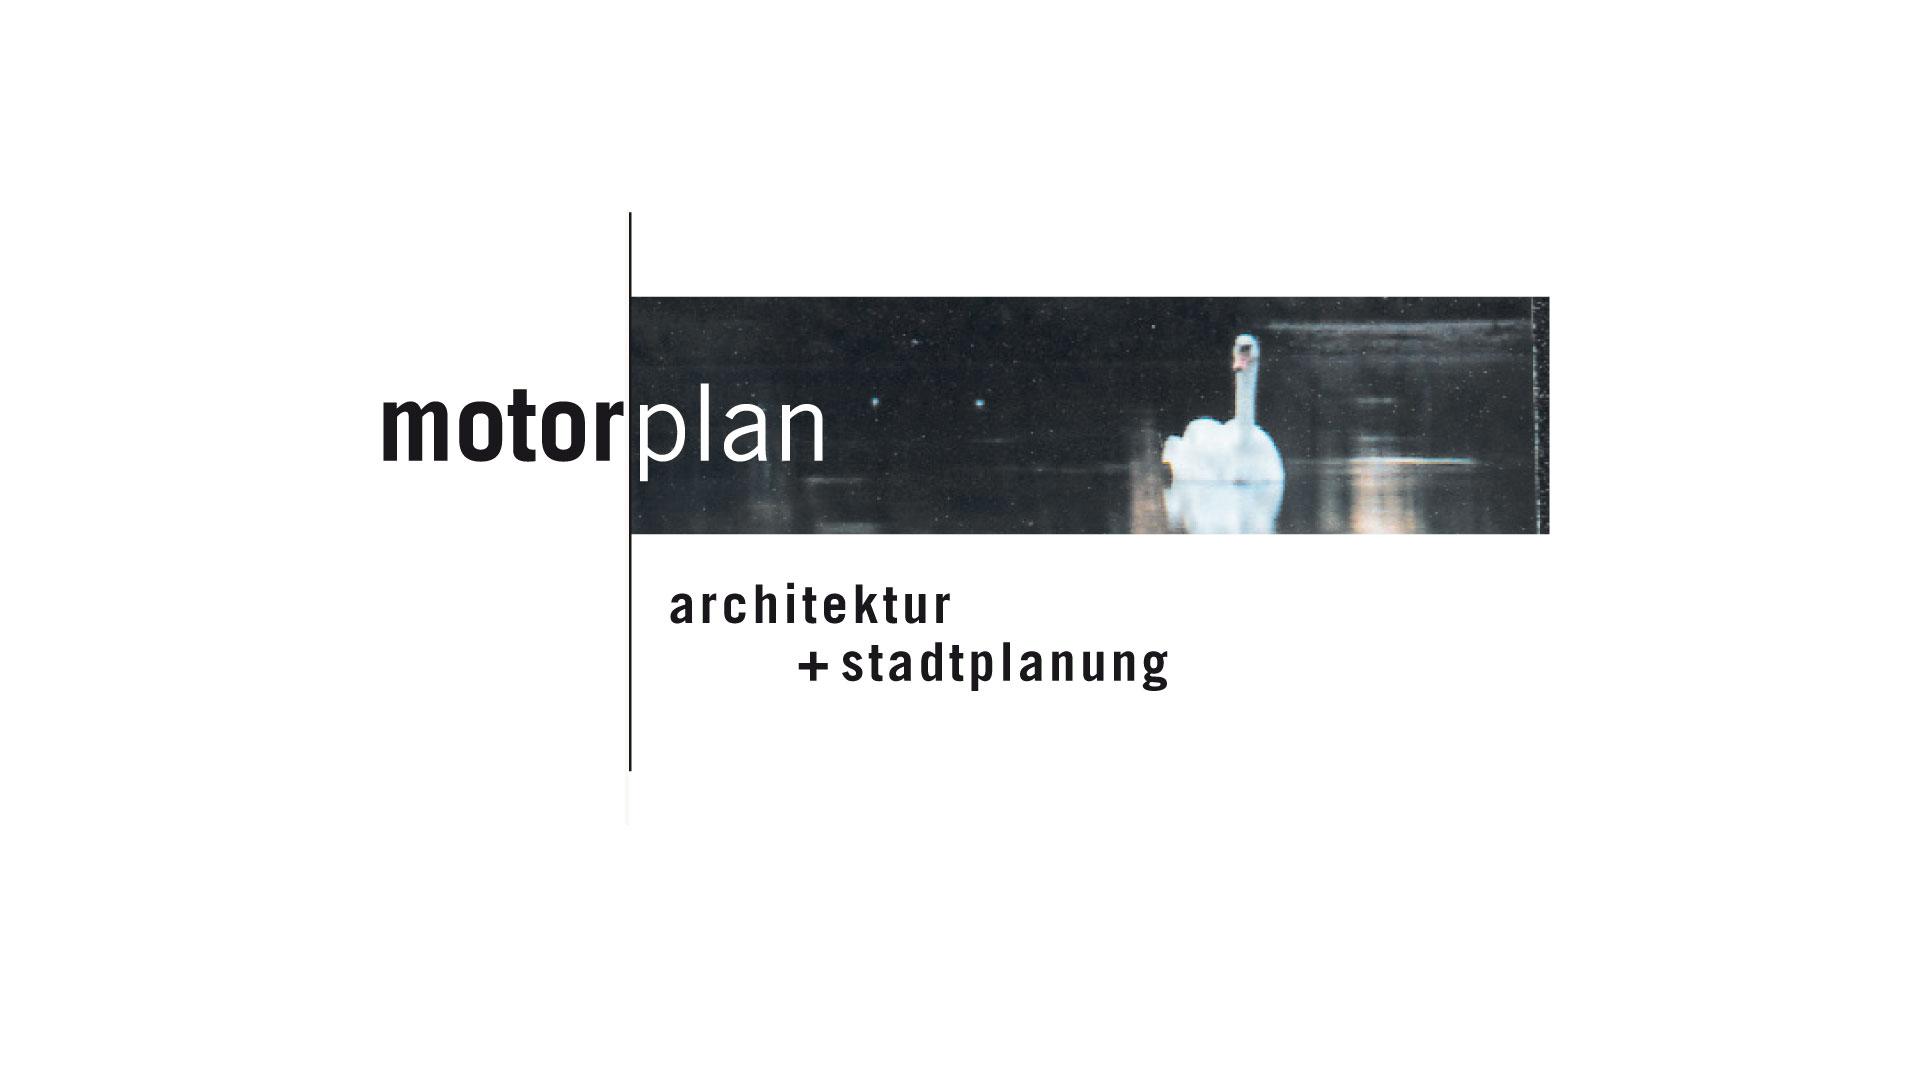 motorplan Logo, Geschäftspapiere, Imagebroschüre